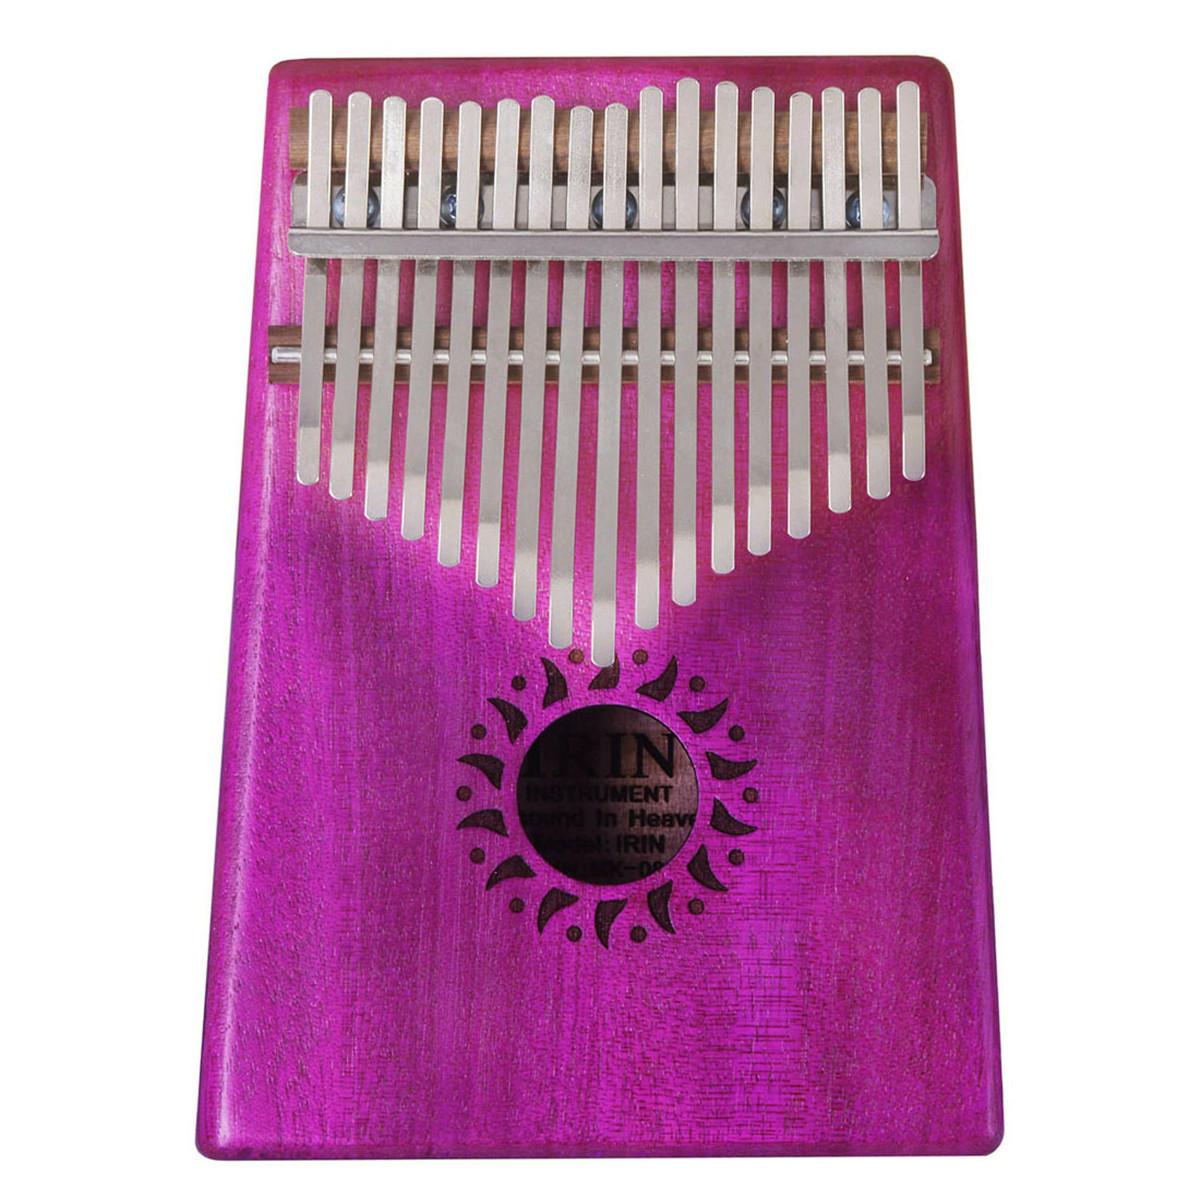 IRIN 17 Keys Mahogany Kalimba Wooden Thumb Piano Finger Percussion